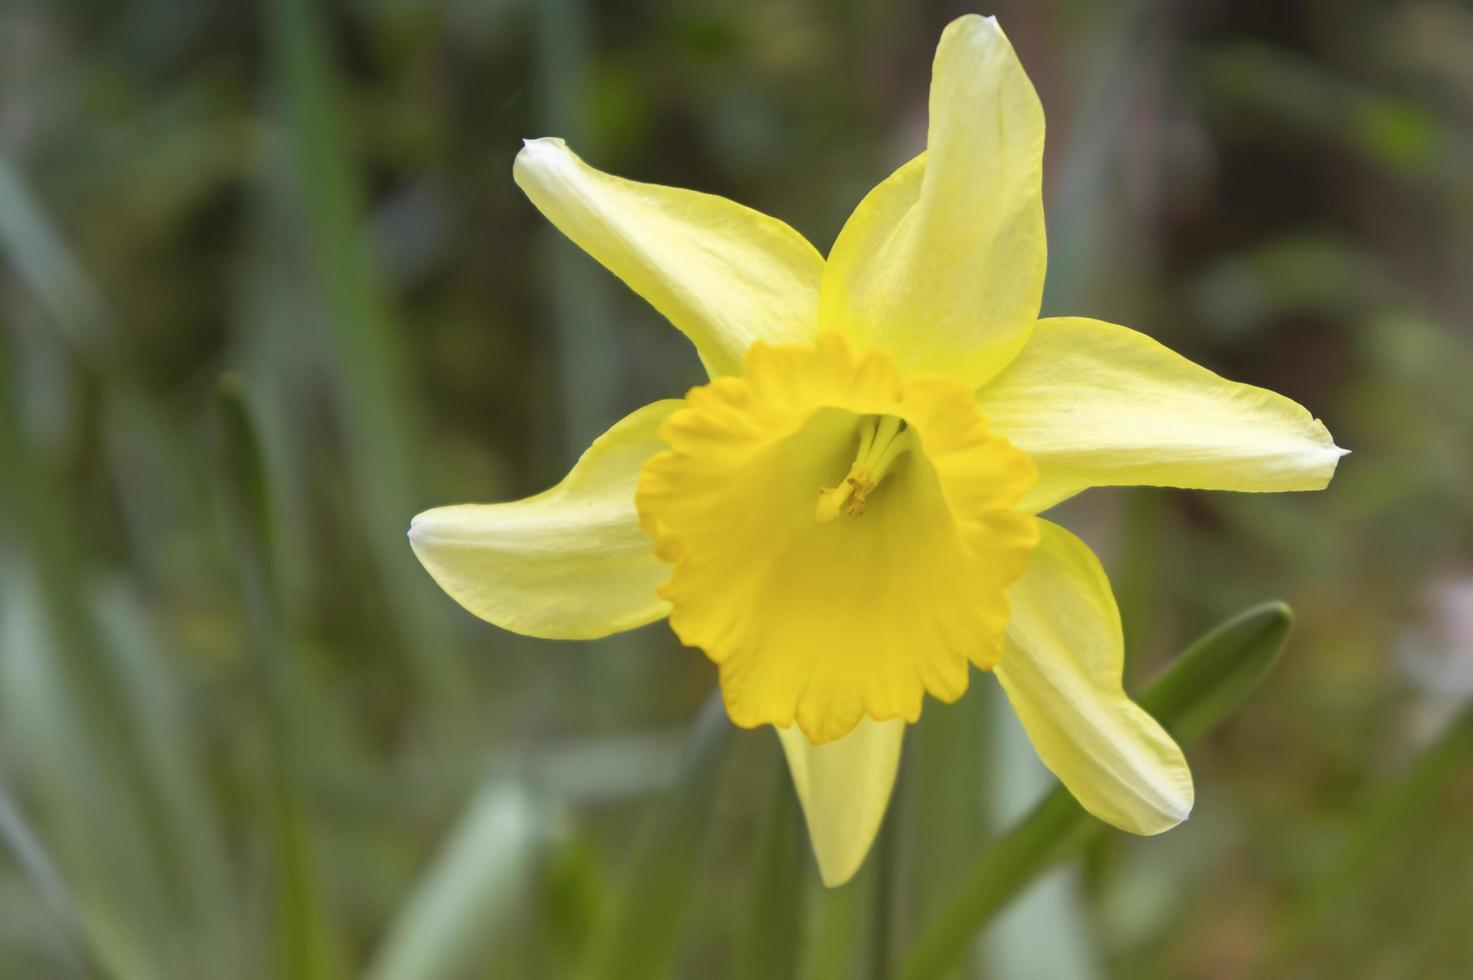 natuurlijke achtergrond met gele narcissenbloem foto